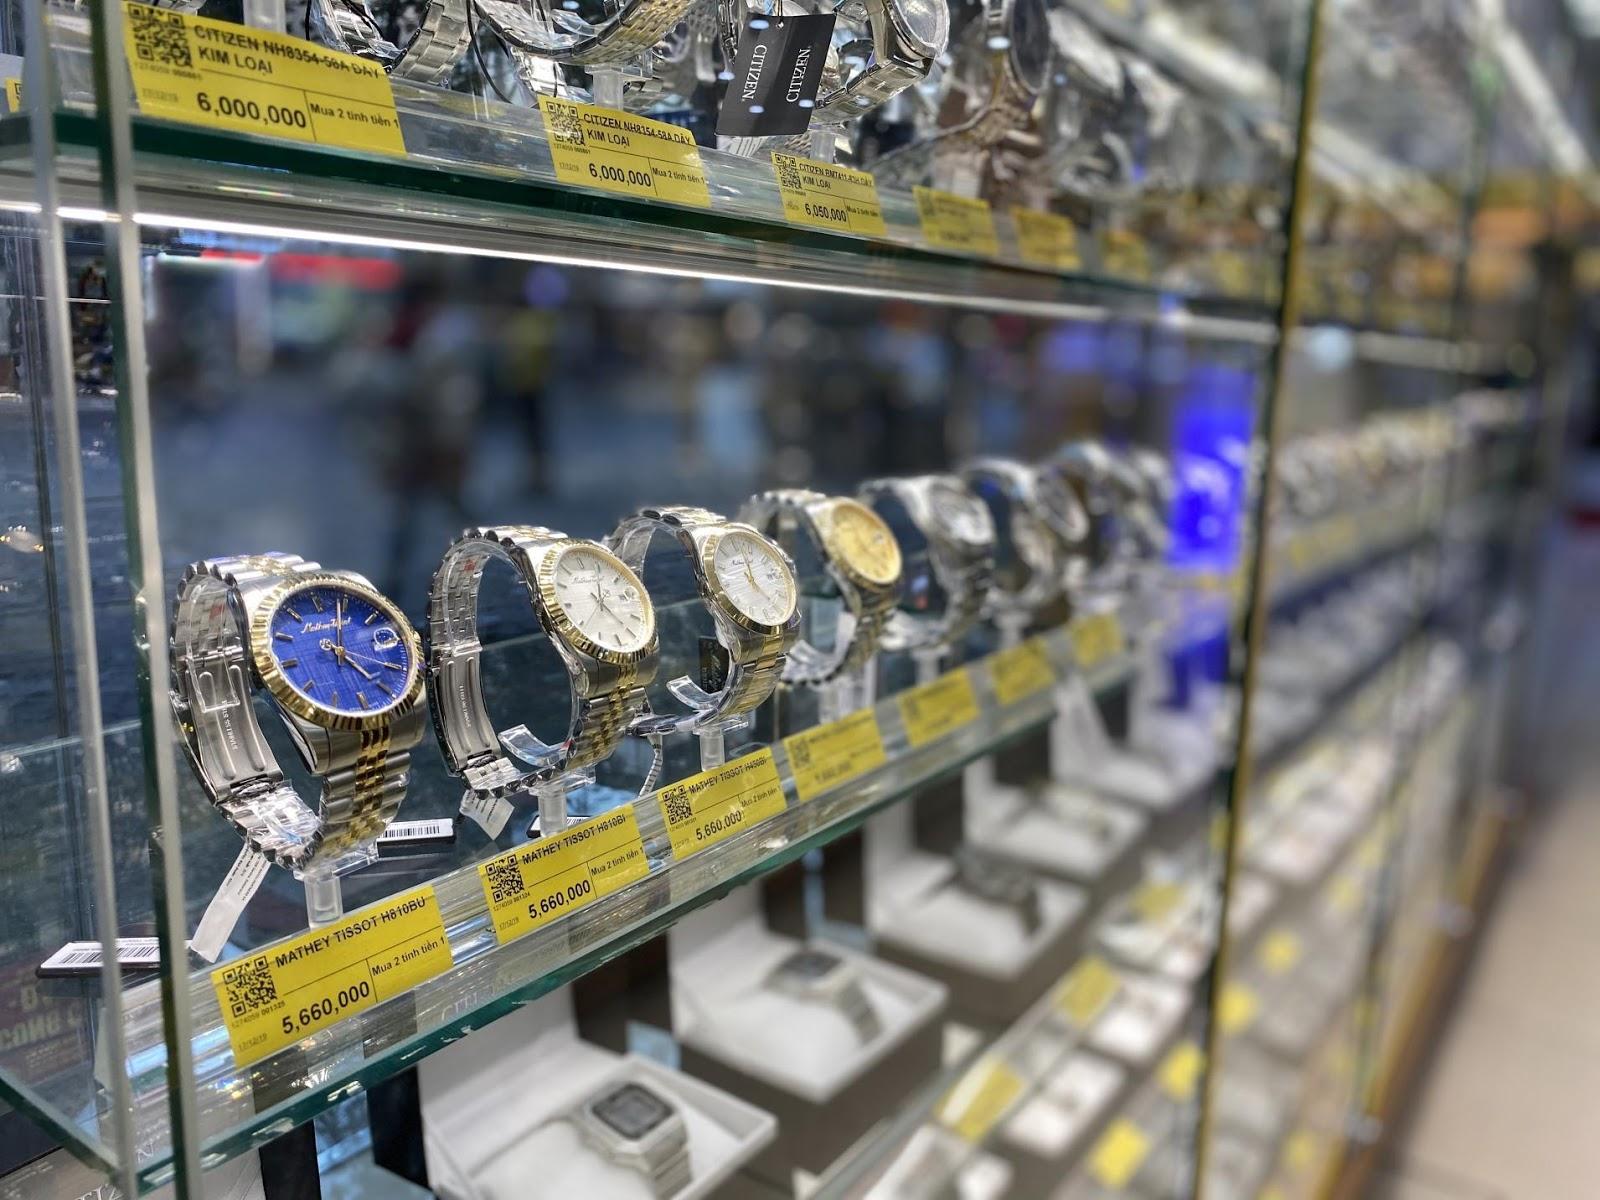 Bán đồng hồ '6 tháng dịch bằng cả năm', Thế Giới Di Động tham vọng tăng gấp 5 lần số bán - Ảnh 2.